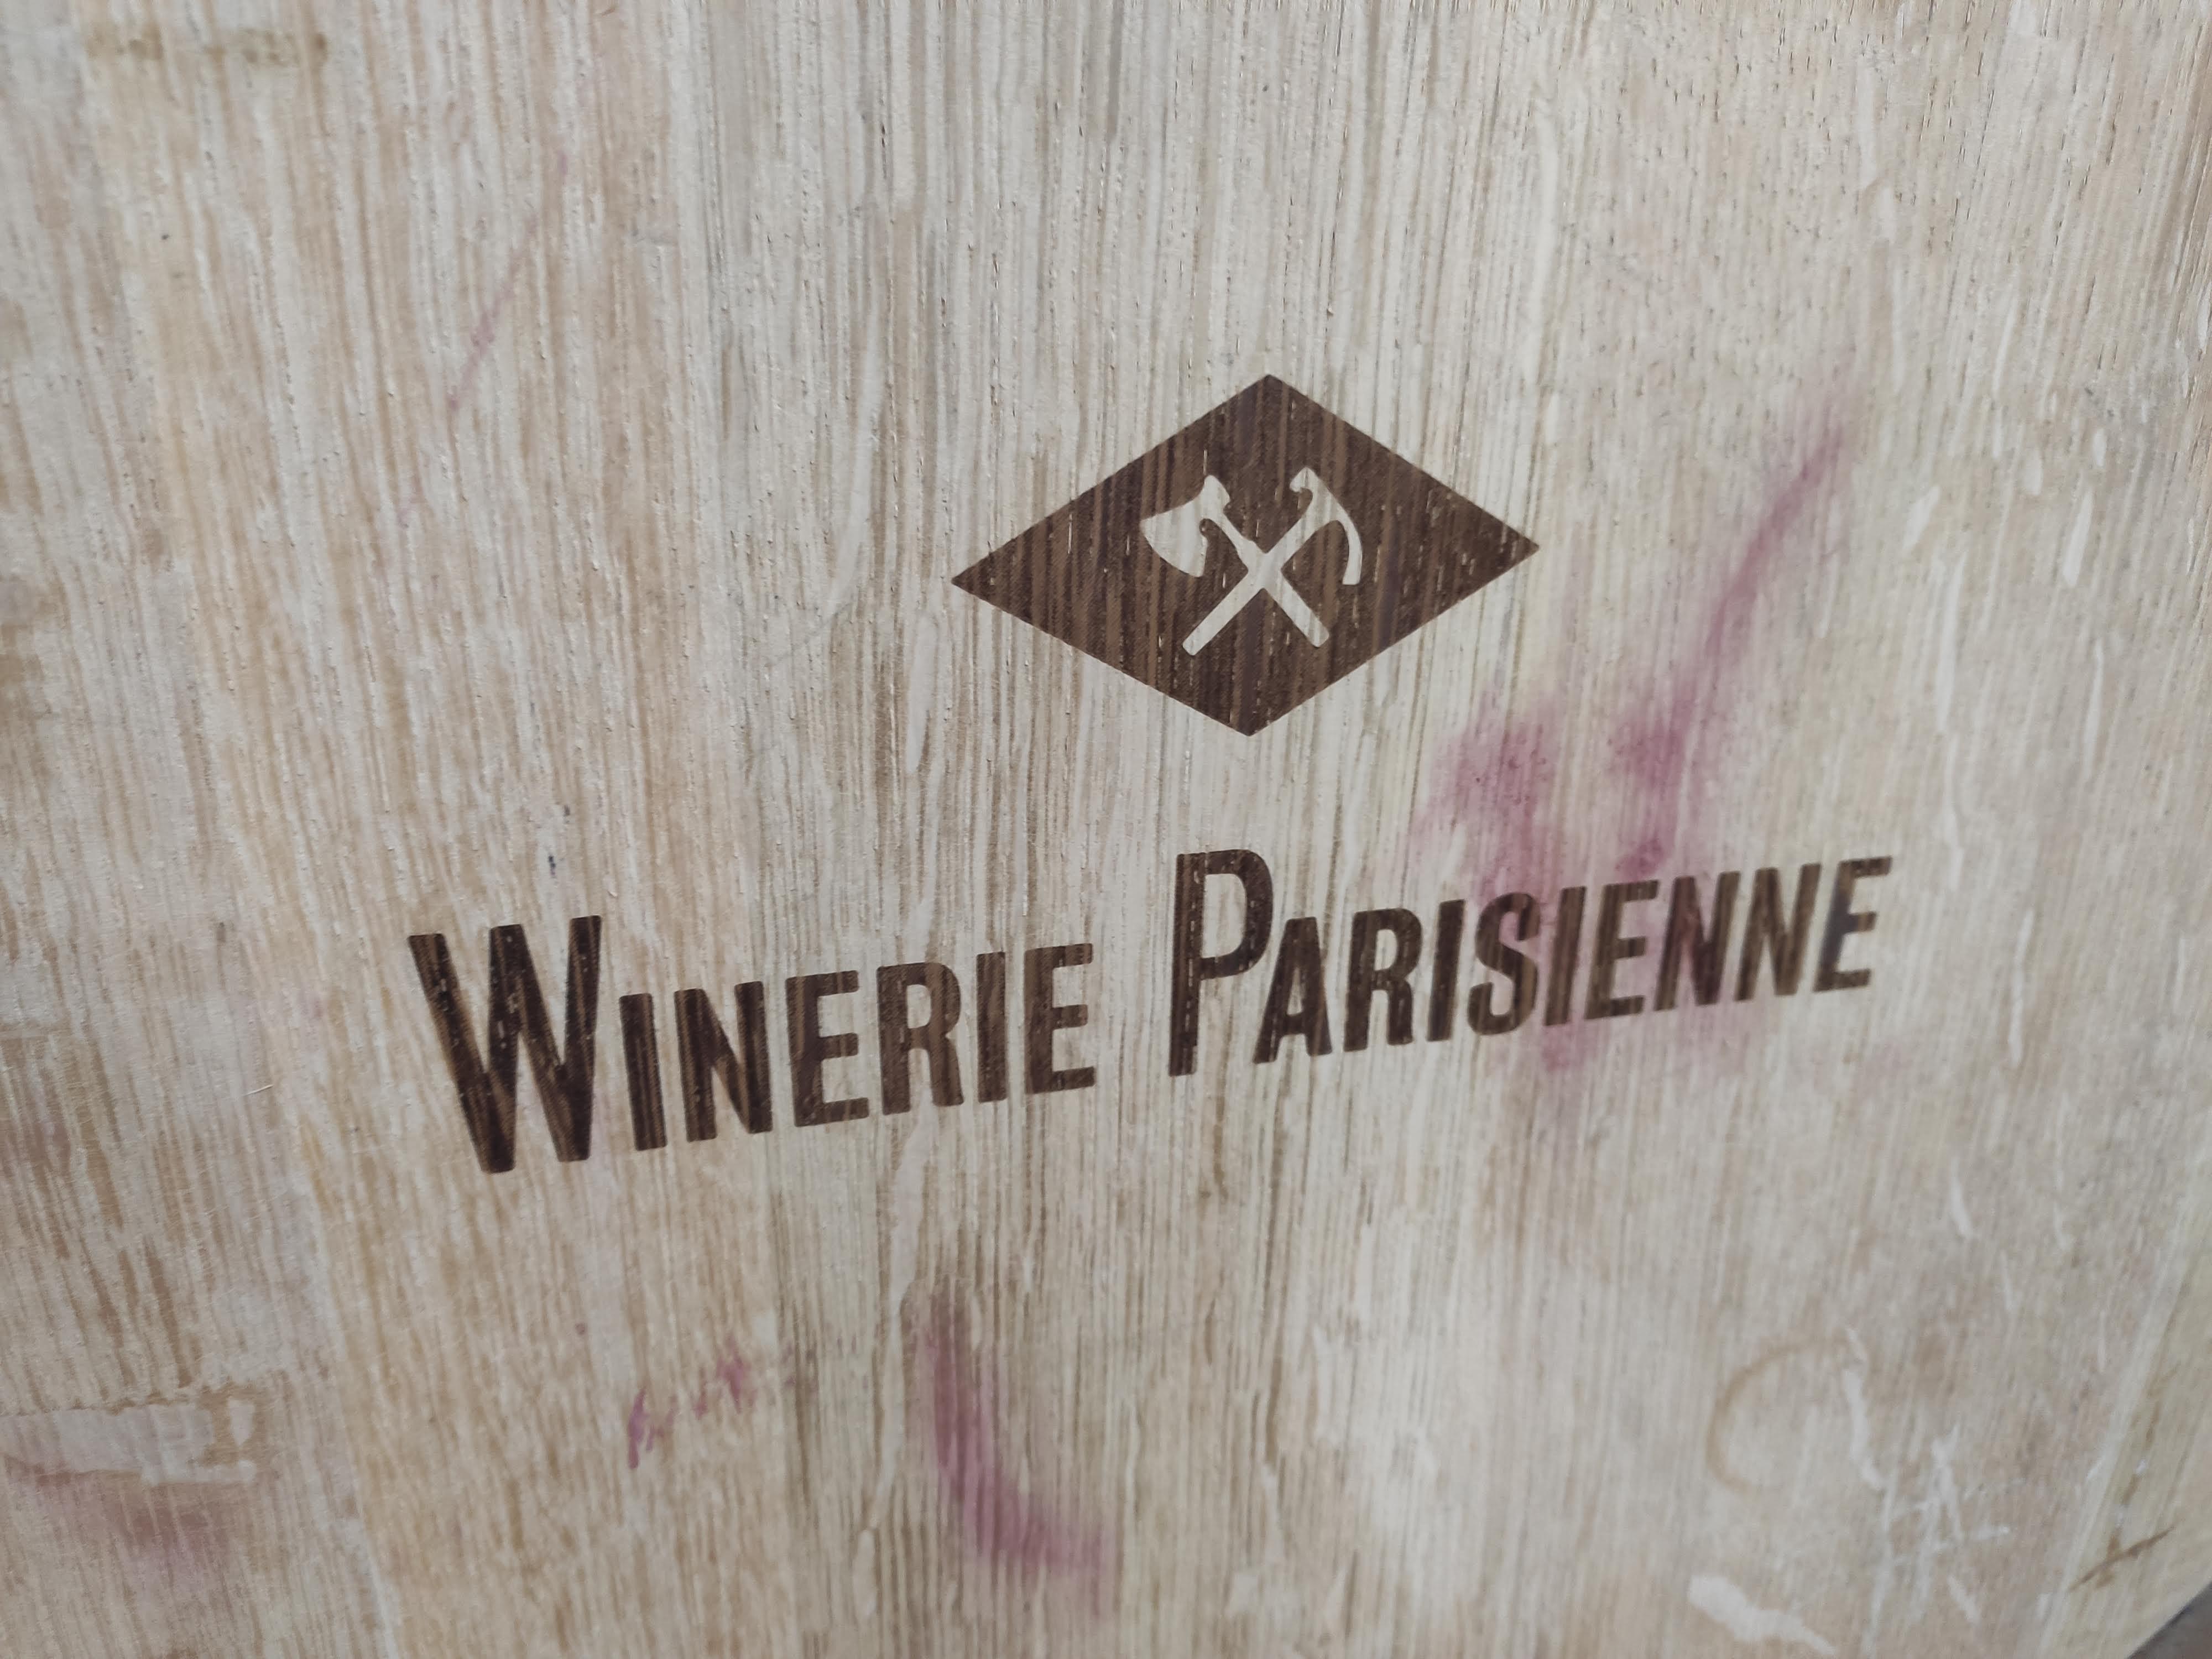 Winerie Parisienne logo